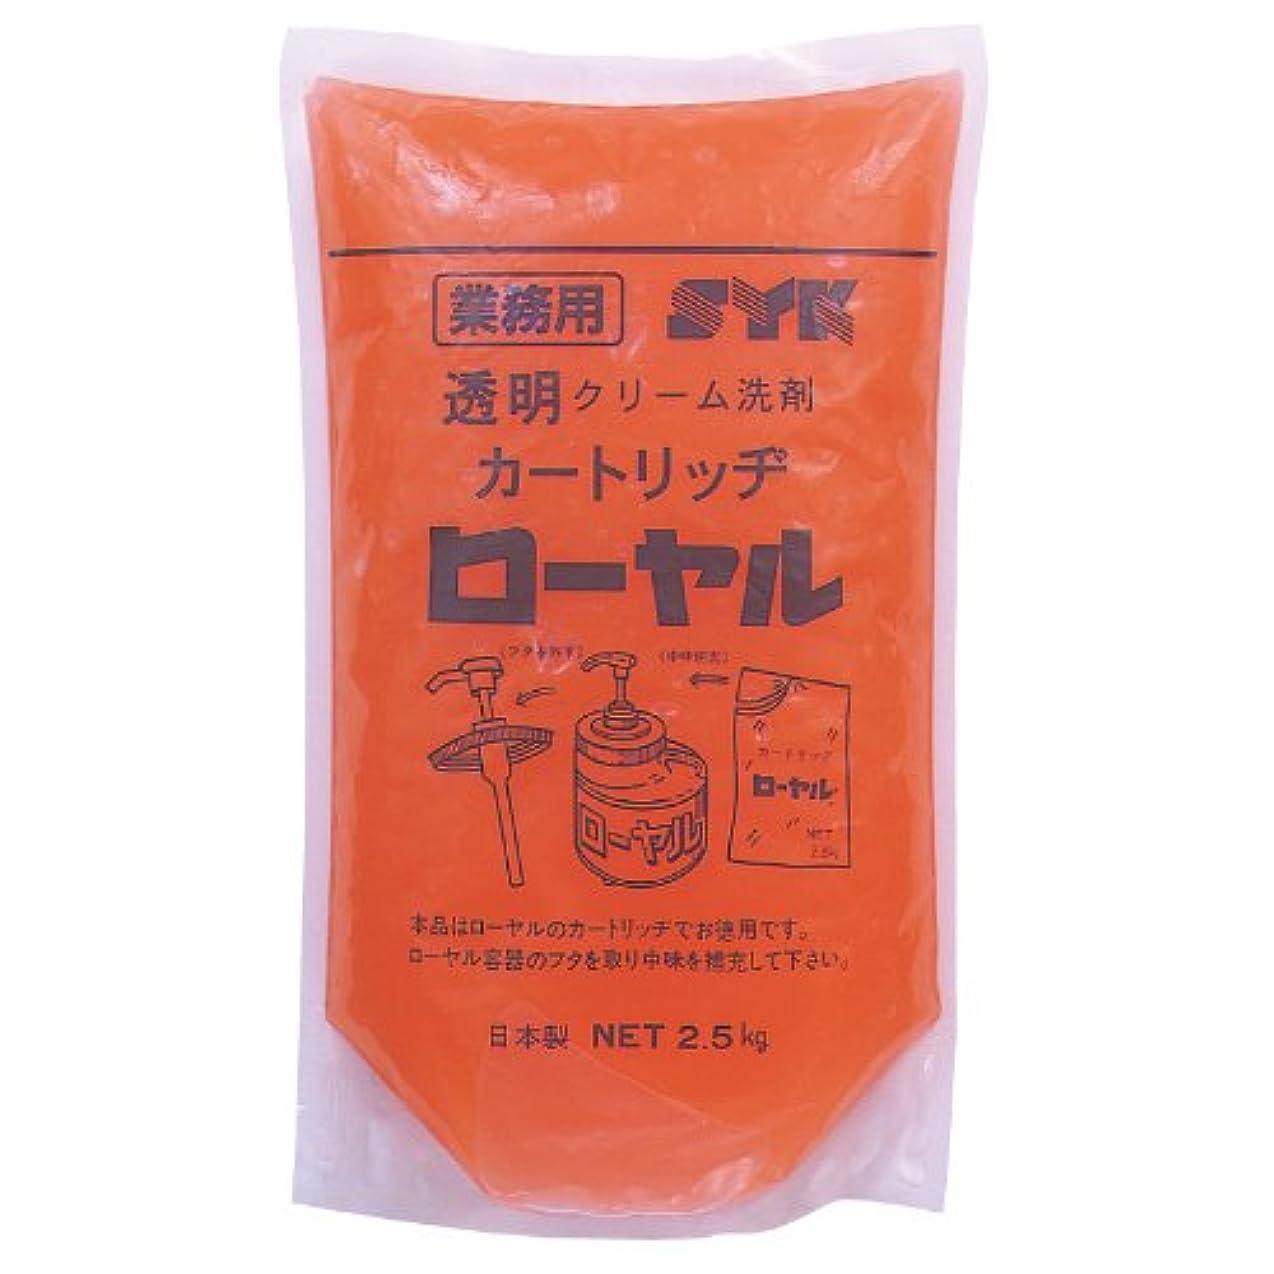 叫ぶ部門でる鈴木油脂 水無しでも使える業務用ハンドソープ ローヤル 2.5kg×6個